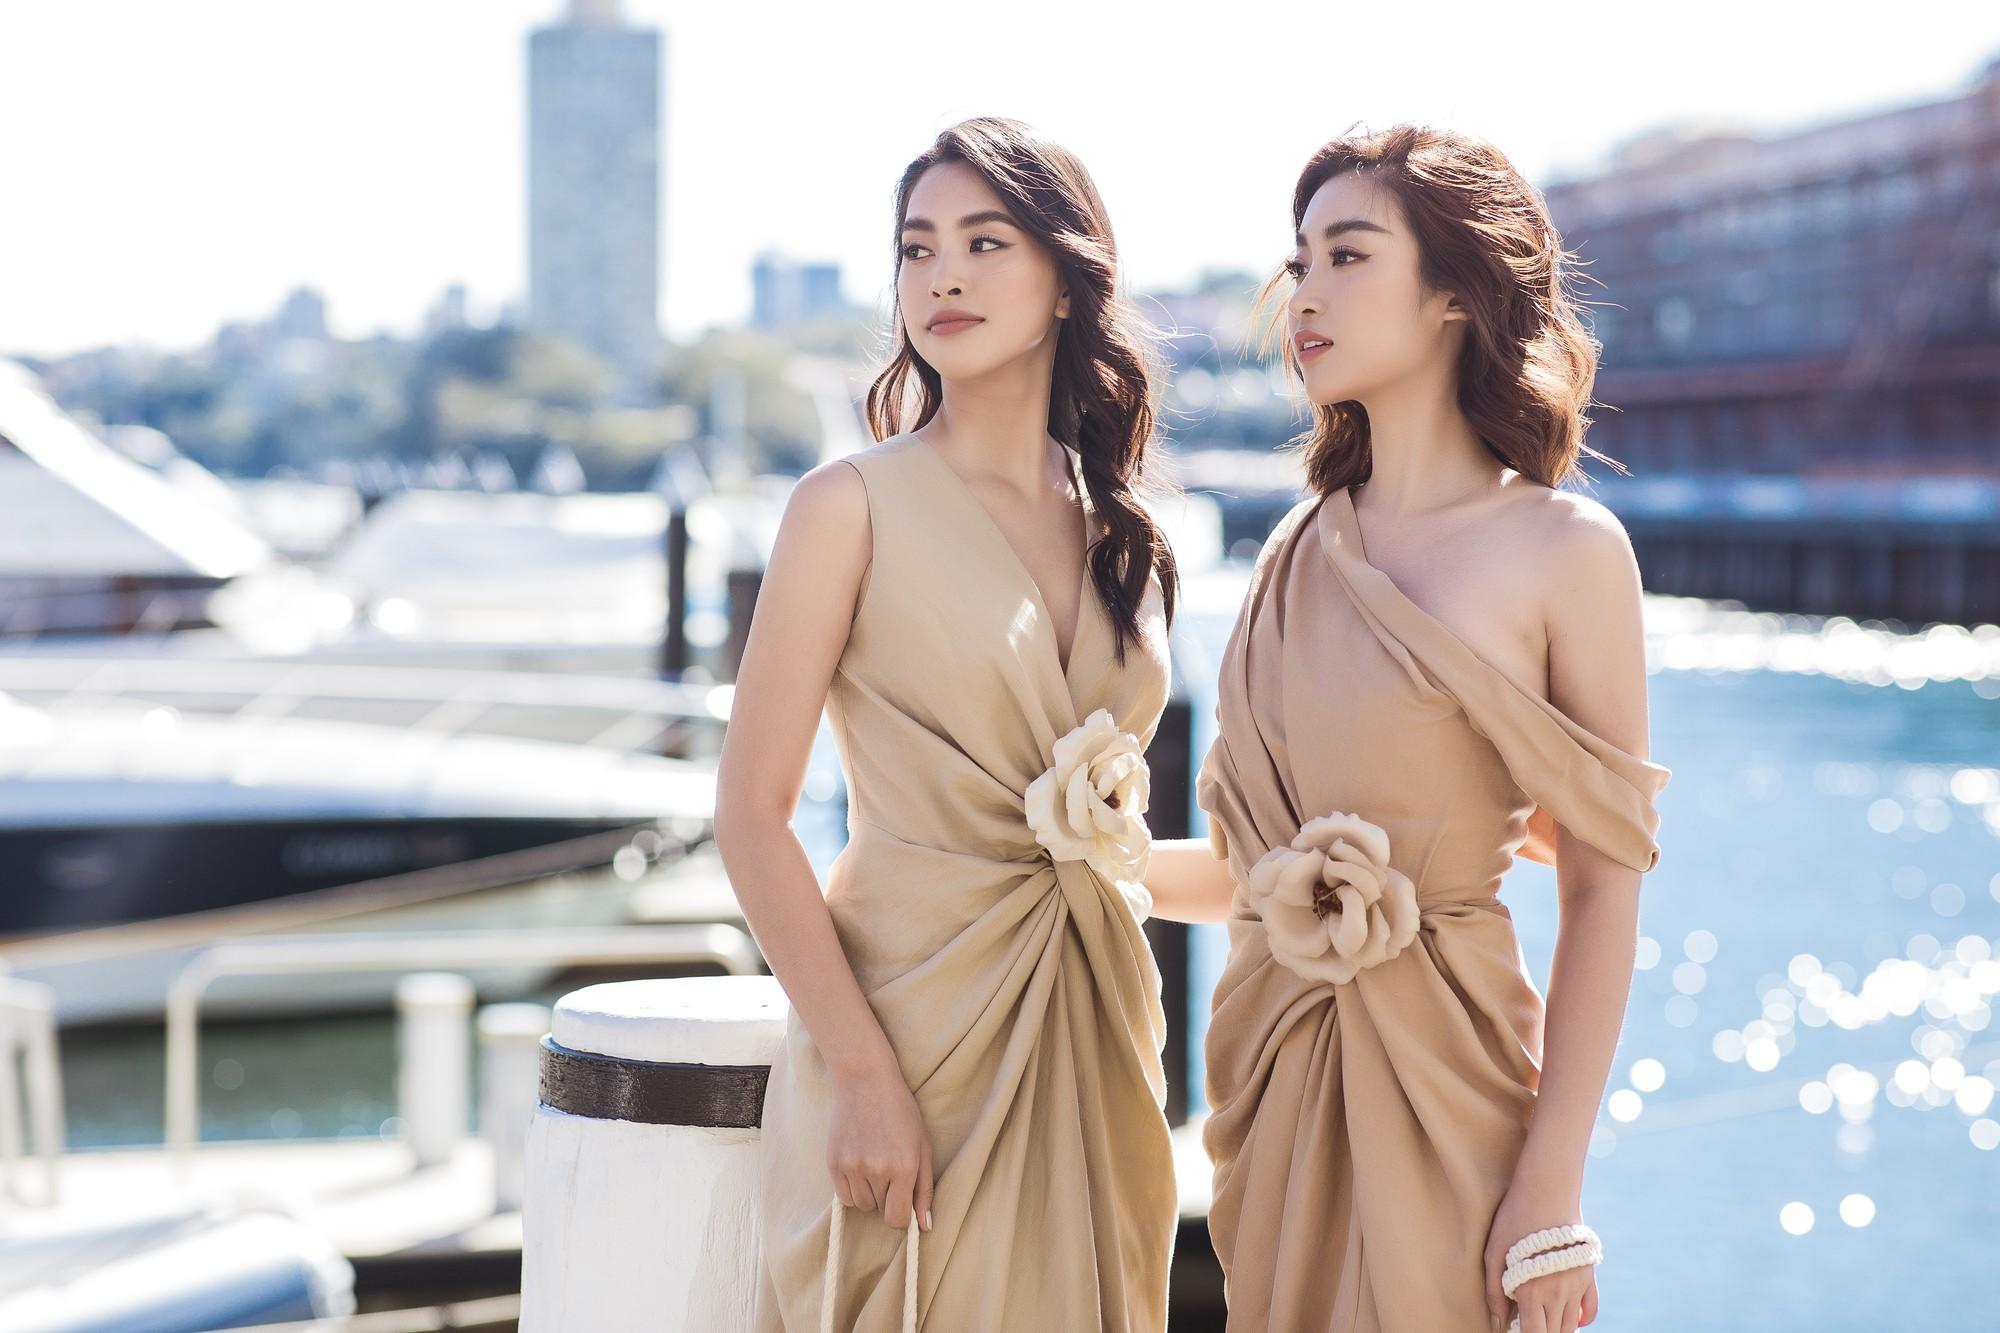 Chị em Hoa hậu Mỹ Linh - Tiểu Vy khiến ai cũng ngoái nhìn khi cùng dạo bước trên đường phố Sydney  - Ảnh 5.